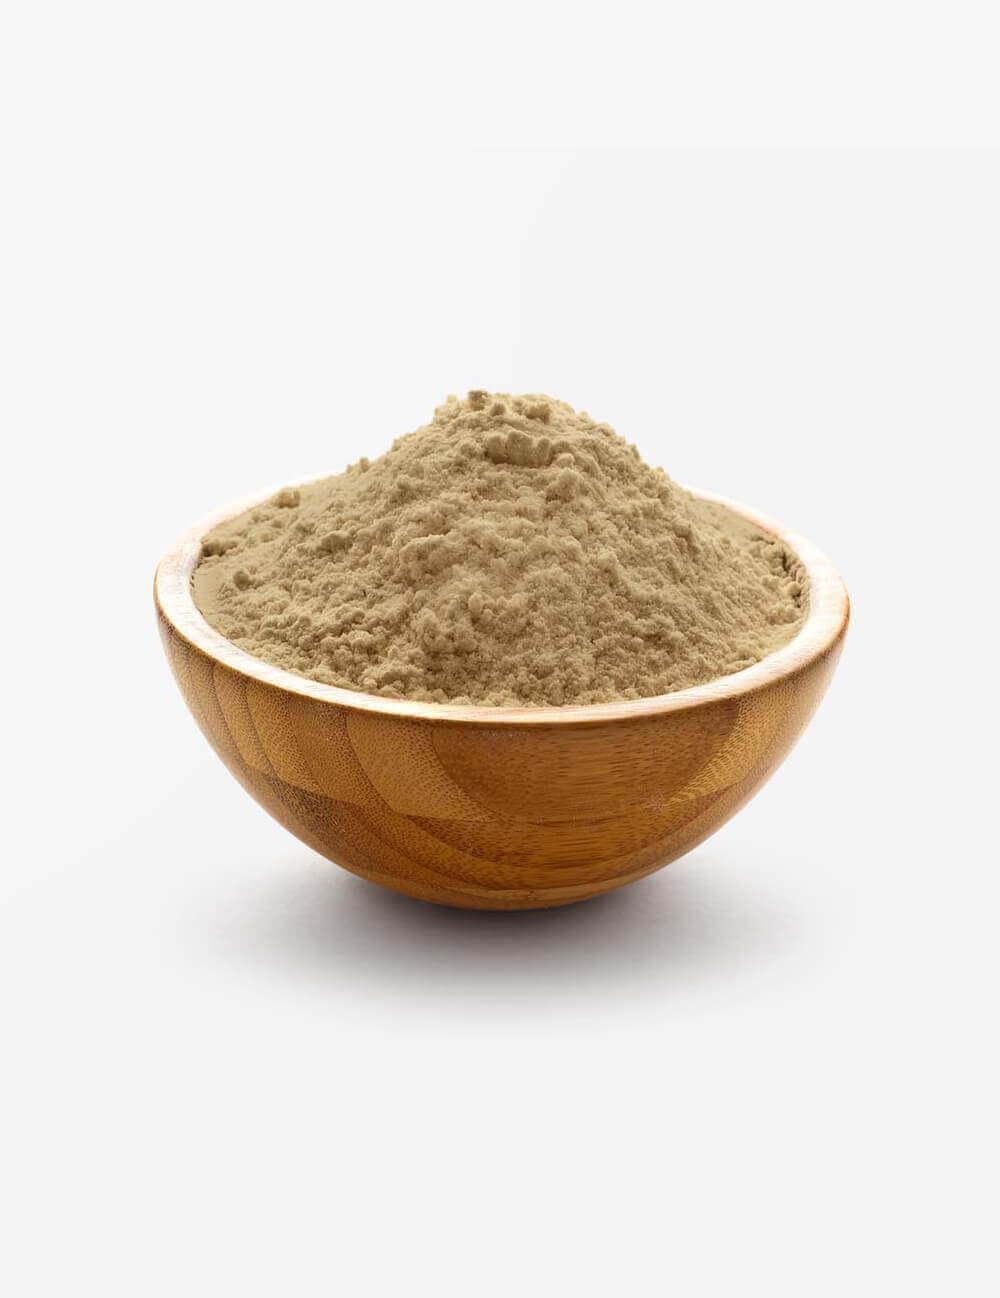 Tamarind Seed Image 4